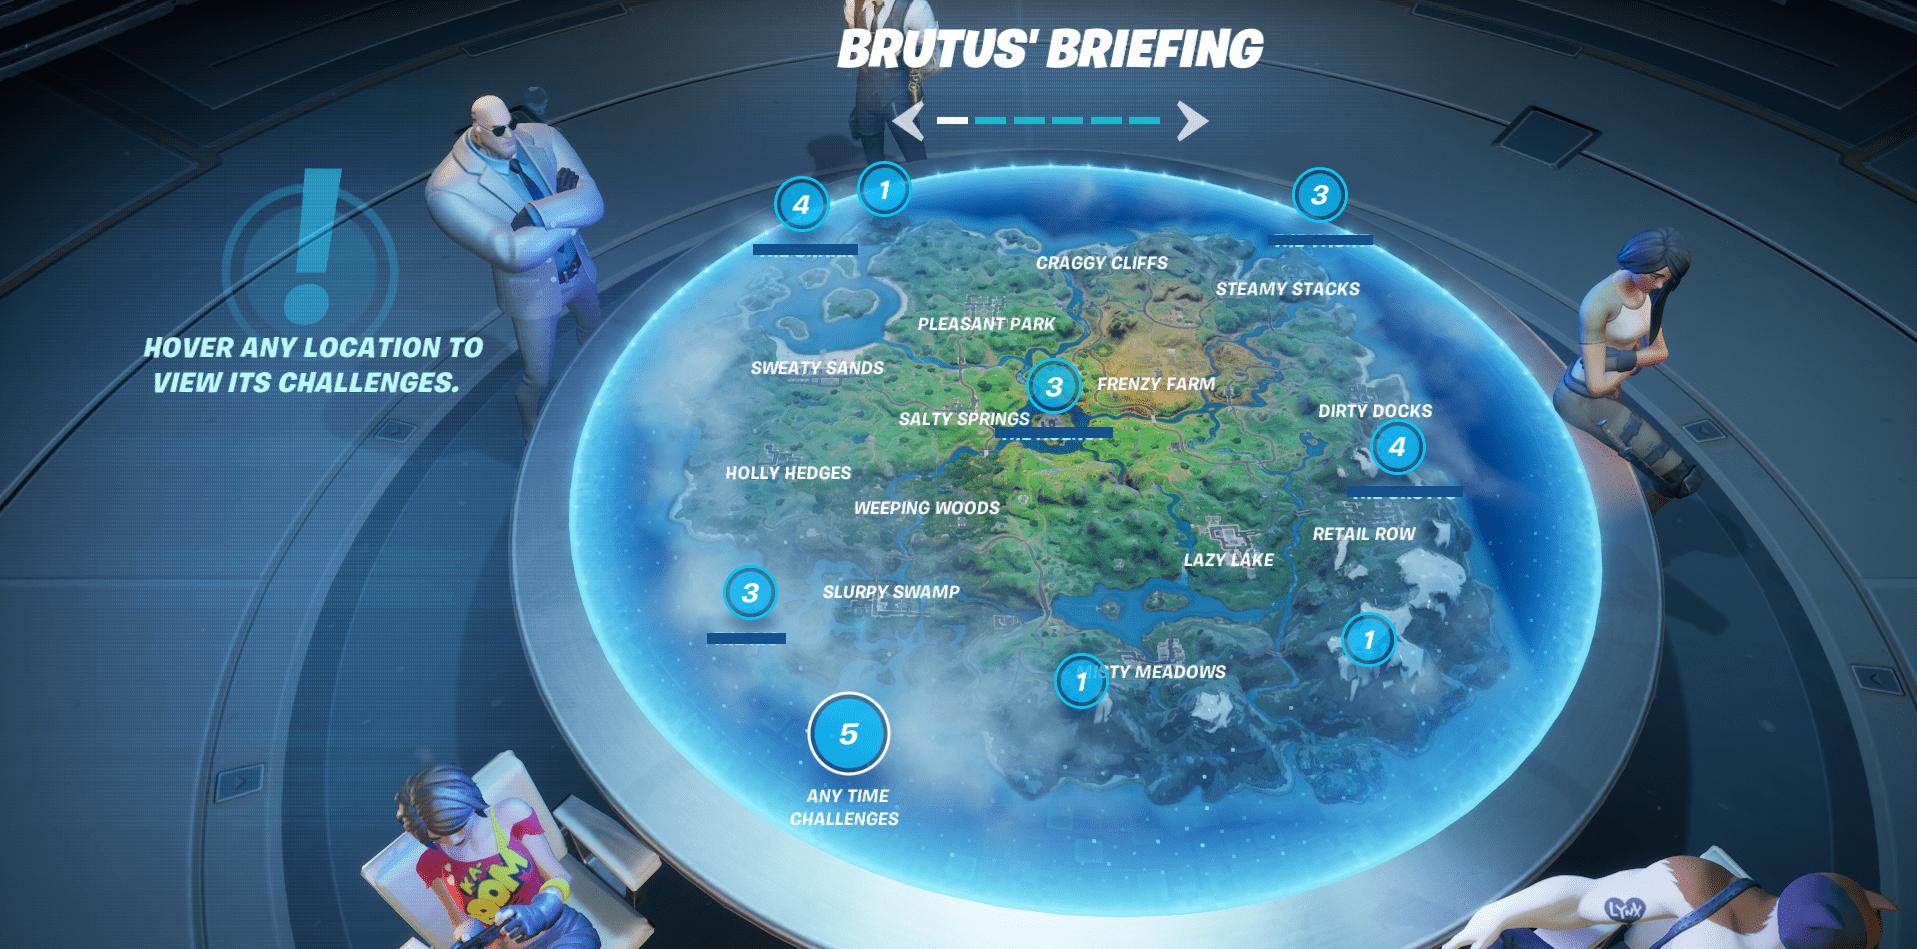 Fortnite Chapter 2, Season 2 Challenges Week 1 - Brutus' Briefing